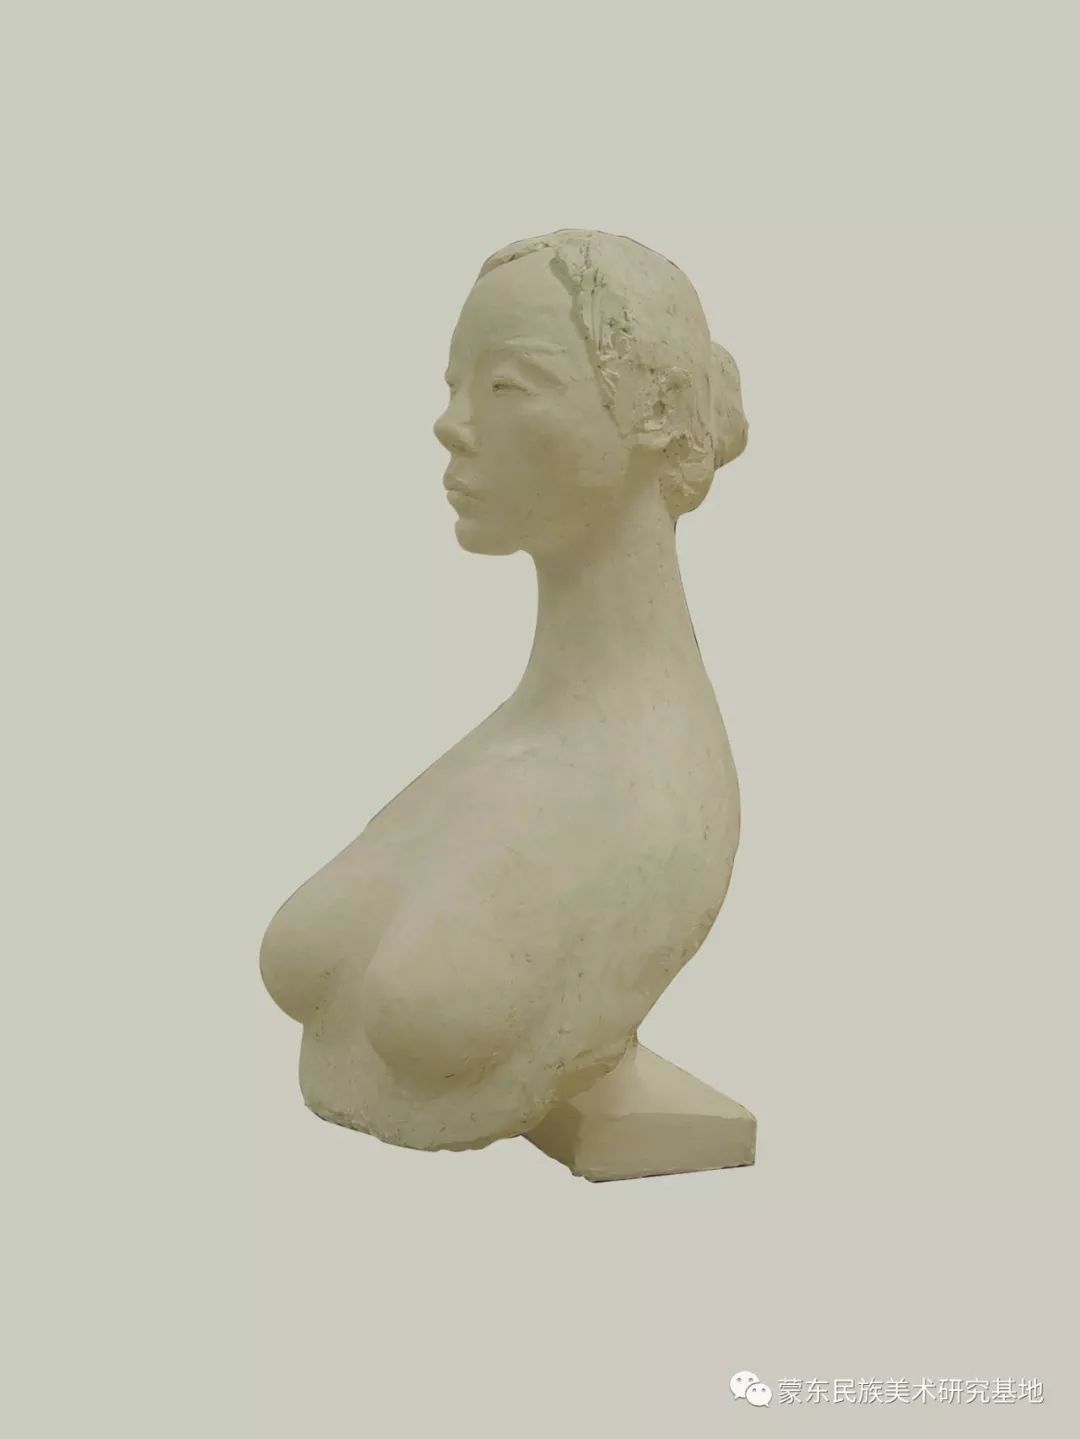 包格日乐吐作品——头像雕塑系列(二) 第9张 包格日乐吐作品——头像雕塑系列(二) 蒙古画廊